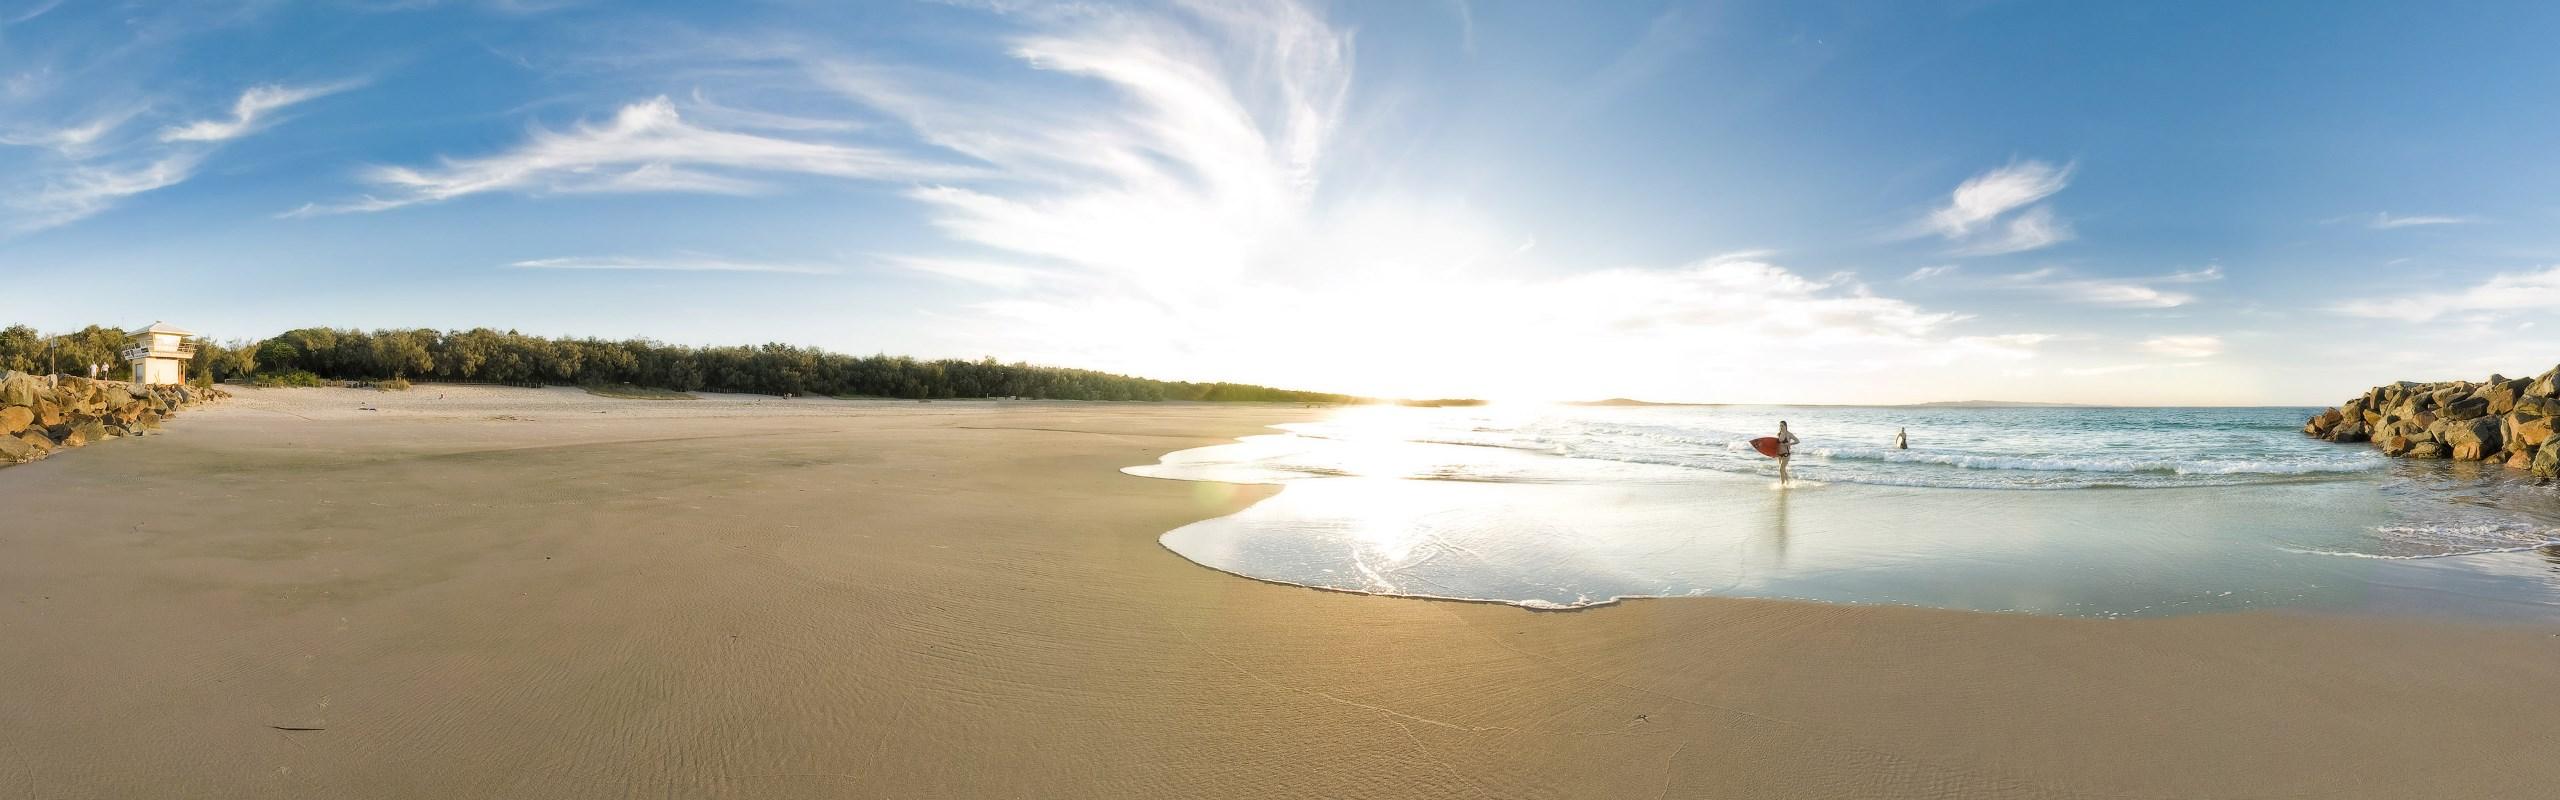 beach_2560x800